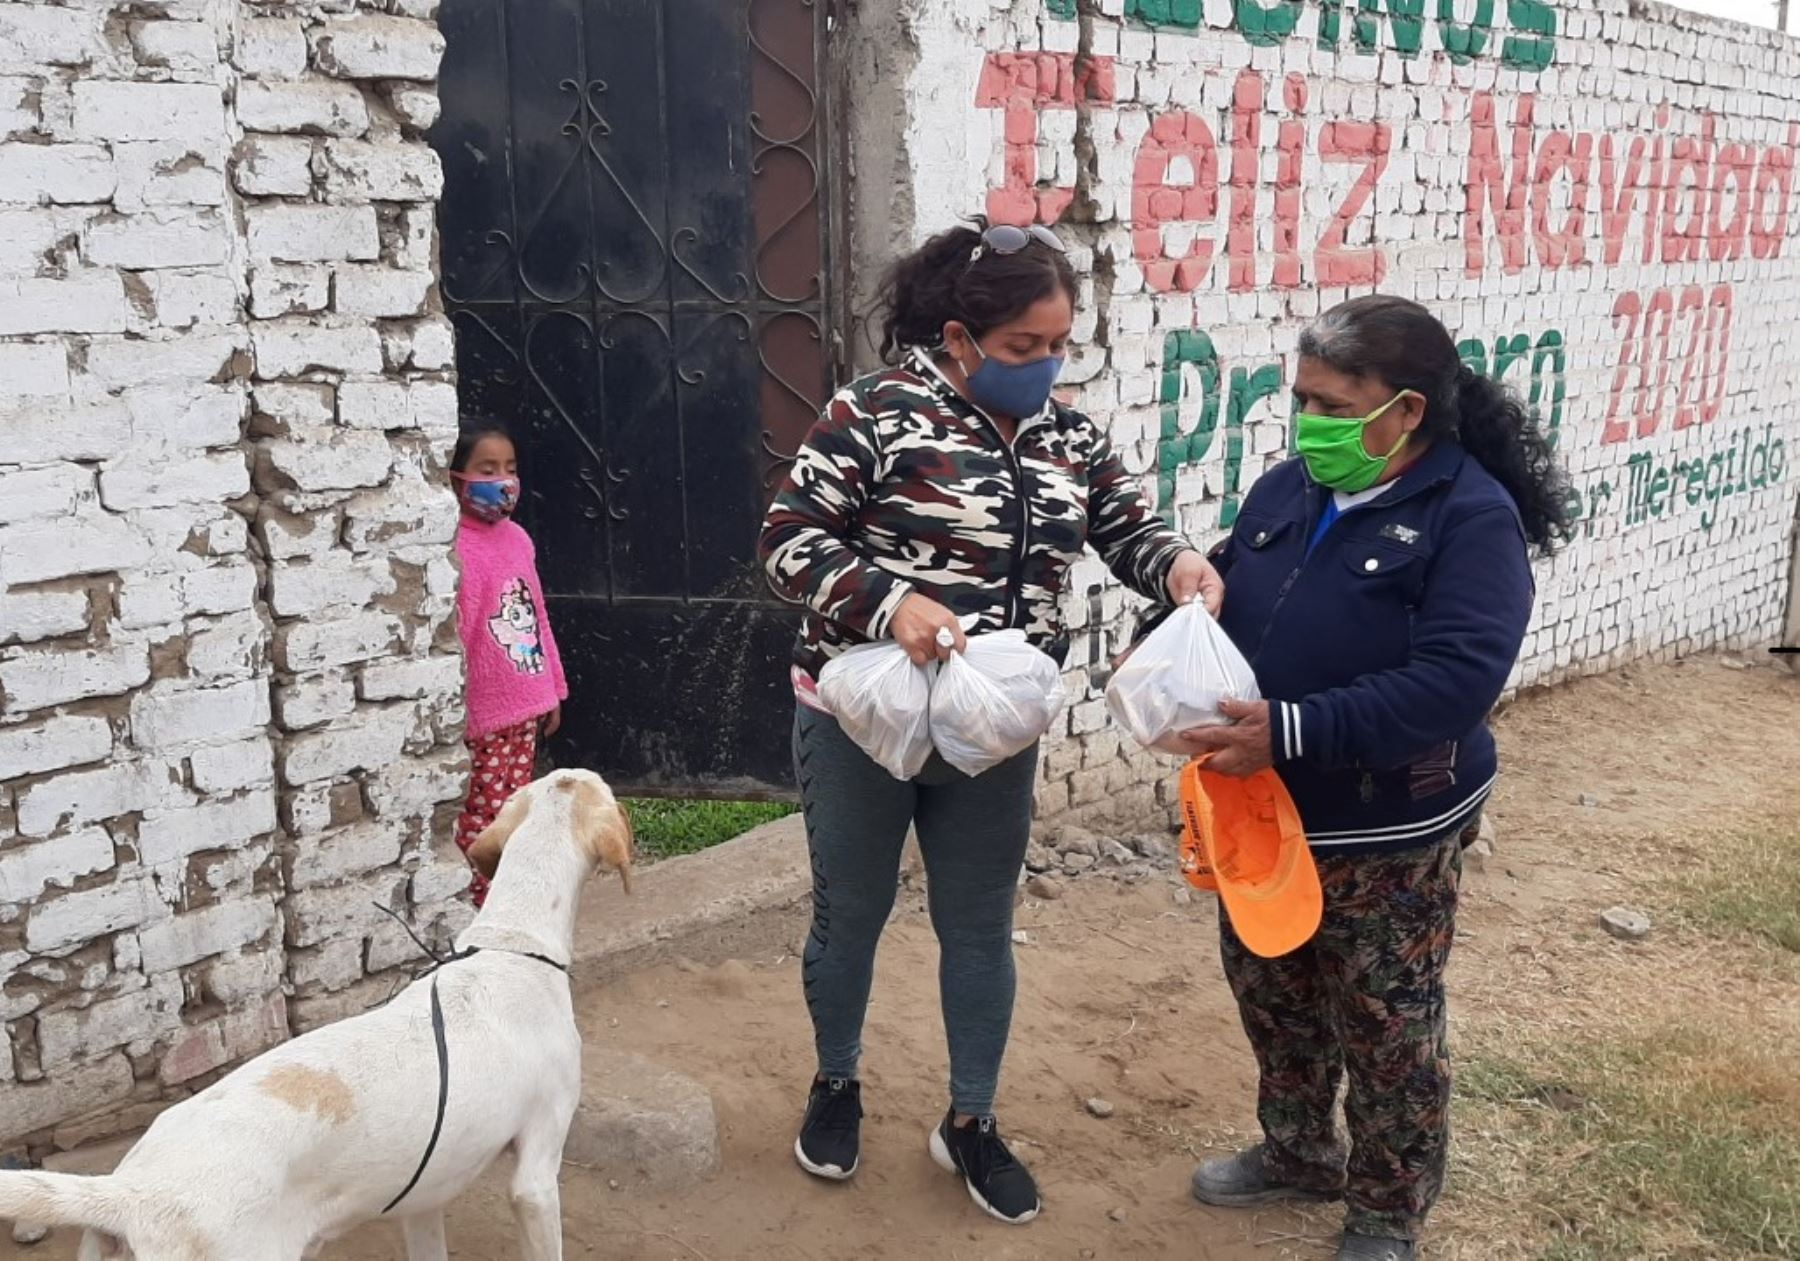 Jorge Luis Venegas Minchola lidera el grupo solidario que regala pan y protectores faciales a familias vulnerables de Trujillo afectadas por la pandemia de coronavirus (covid-19). Foto: Luis Puell